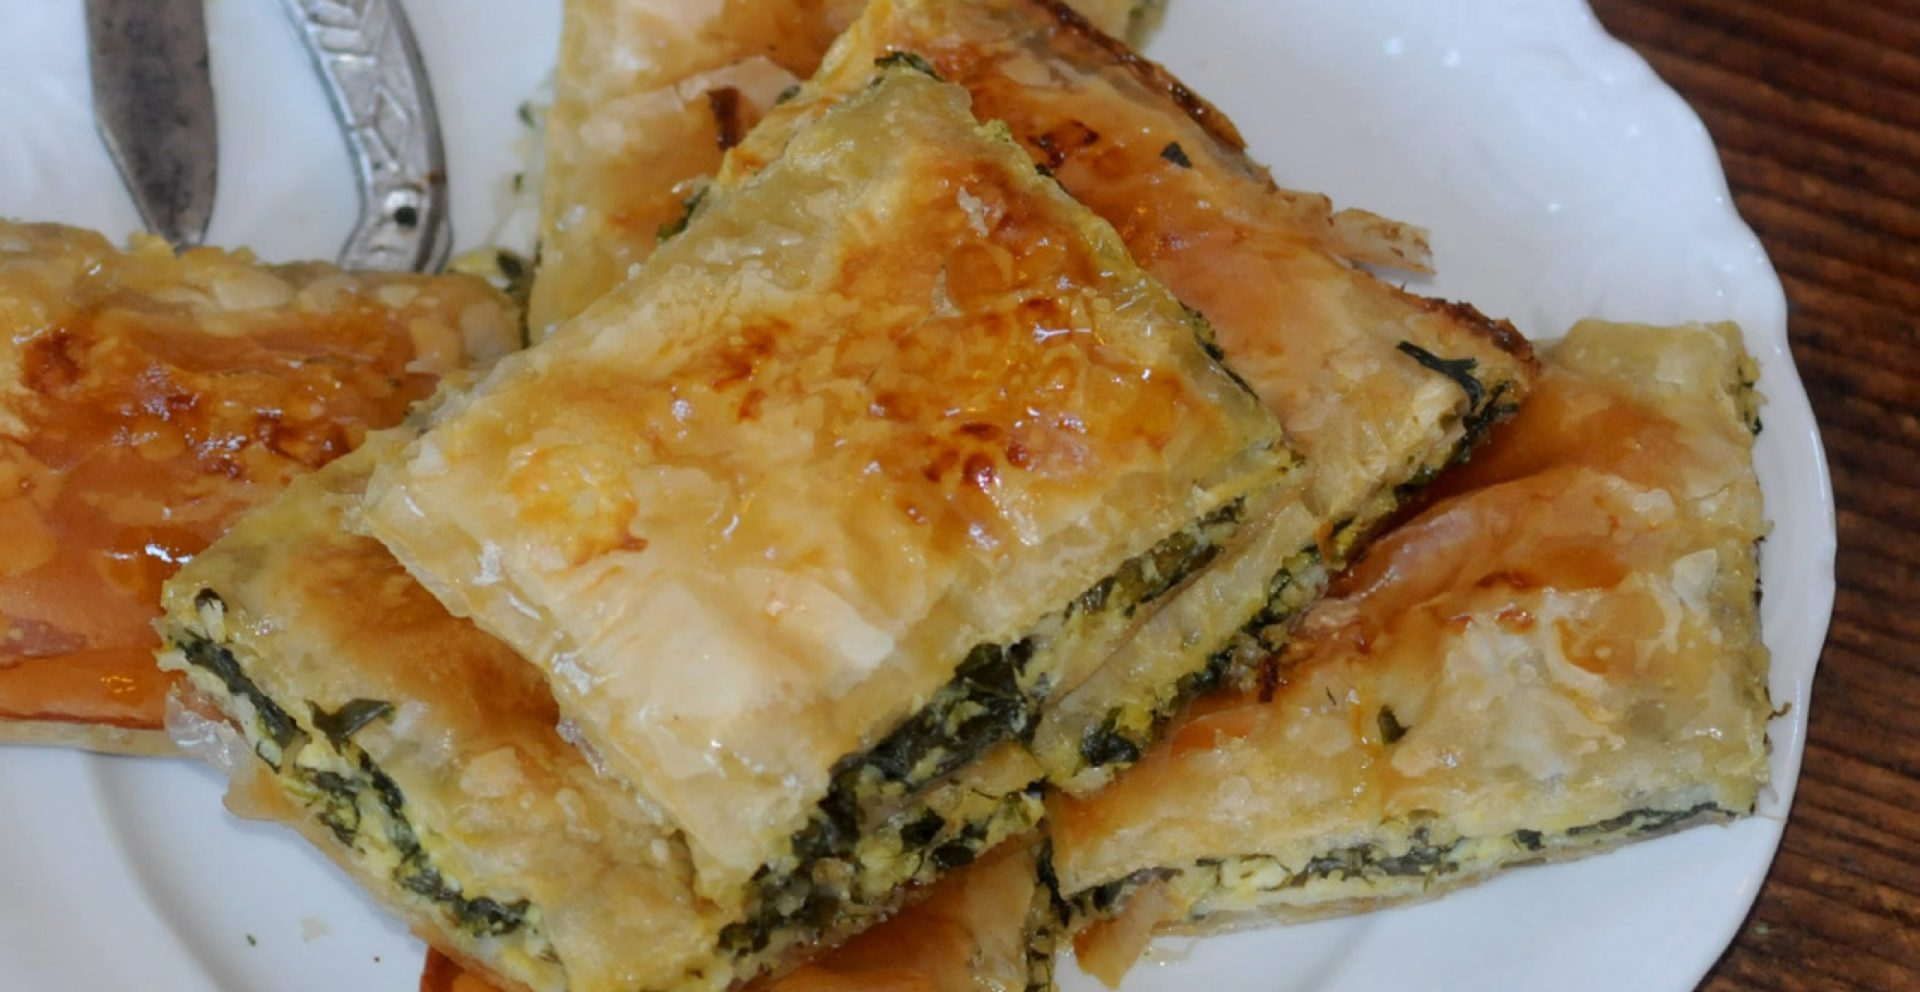 Super Byrek agli spinaci - La ricetta della torta salata agli spinaci  PW54